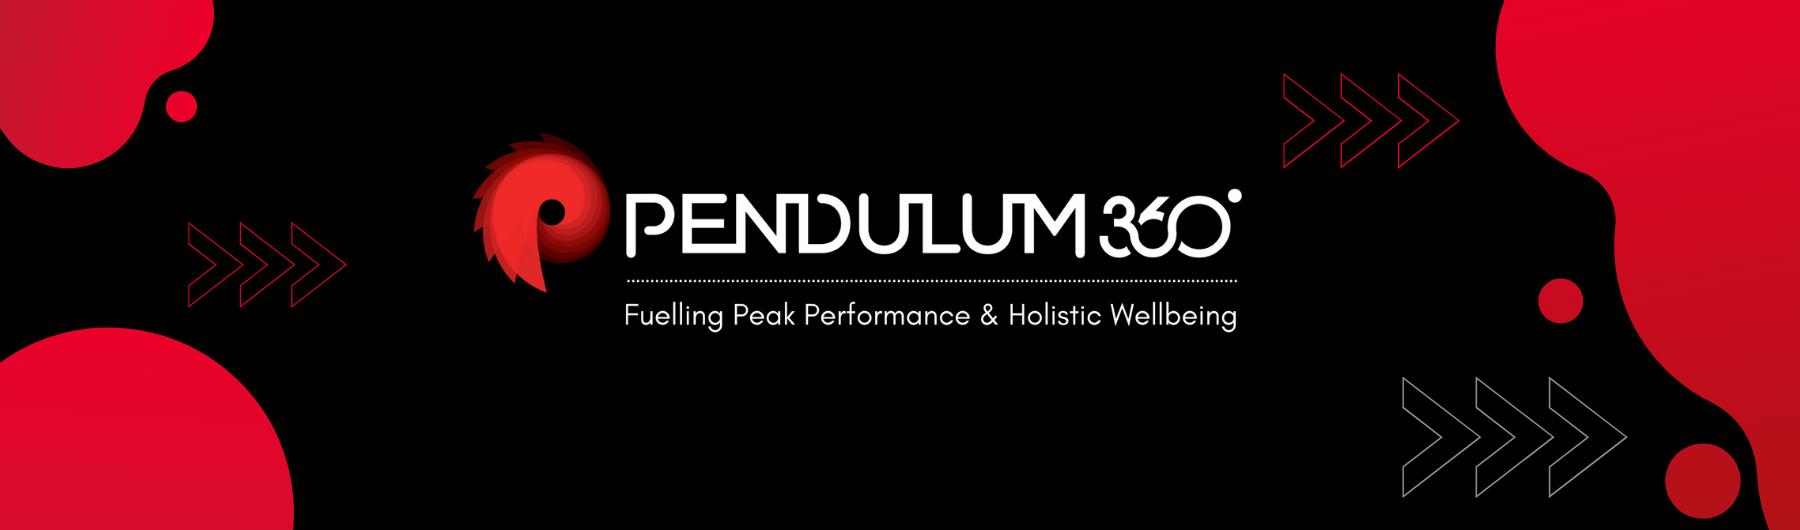 Pendulum 360˚ Fuelling Peak Performance & Holistic Wellbeing